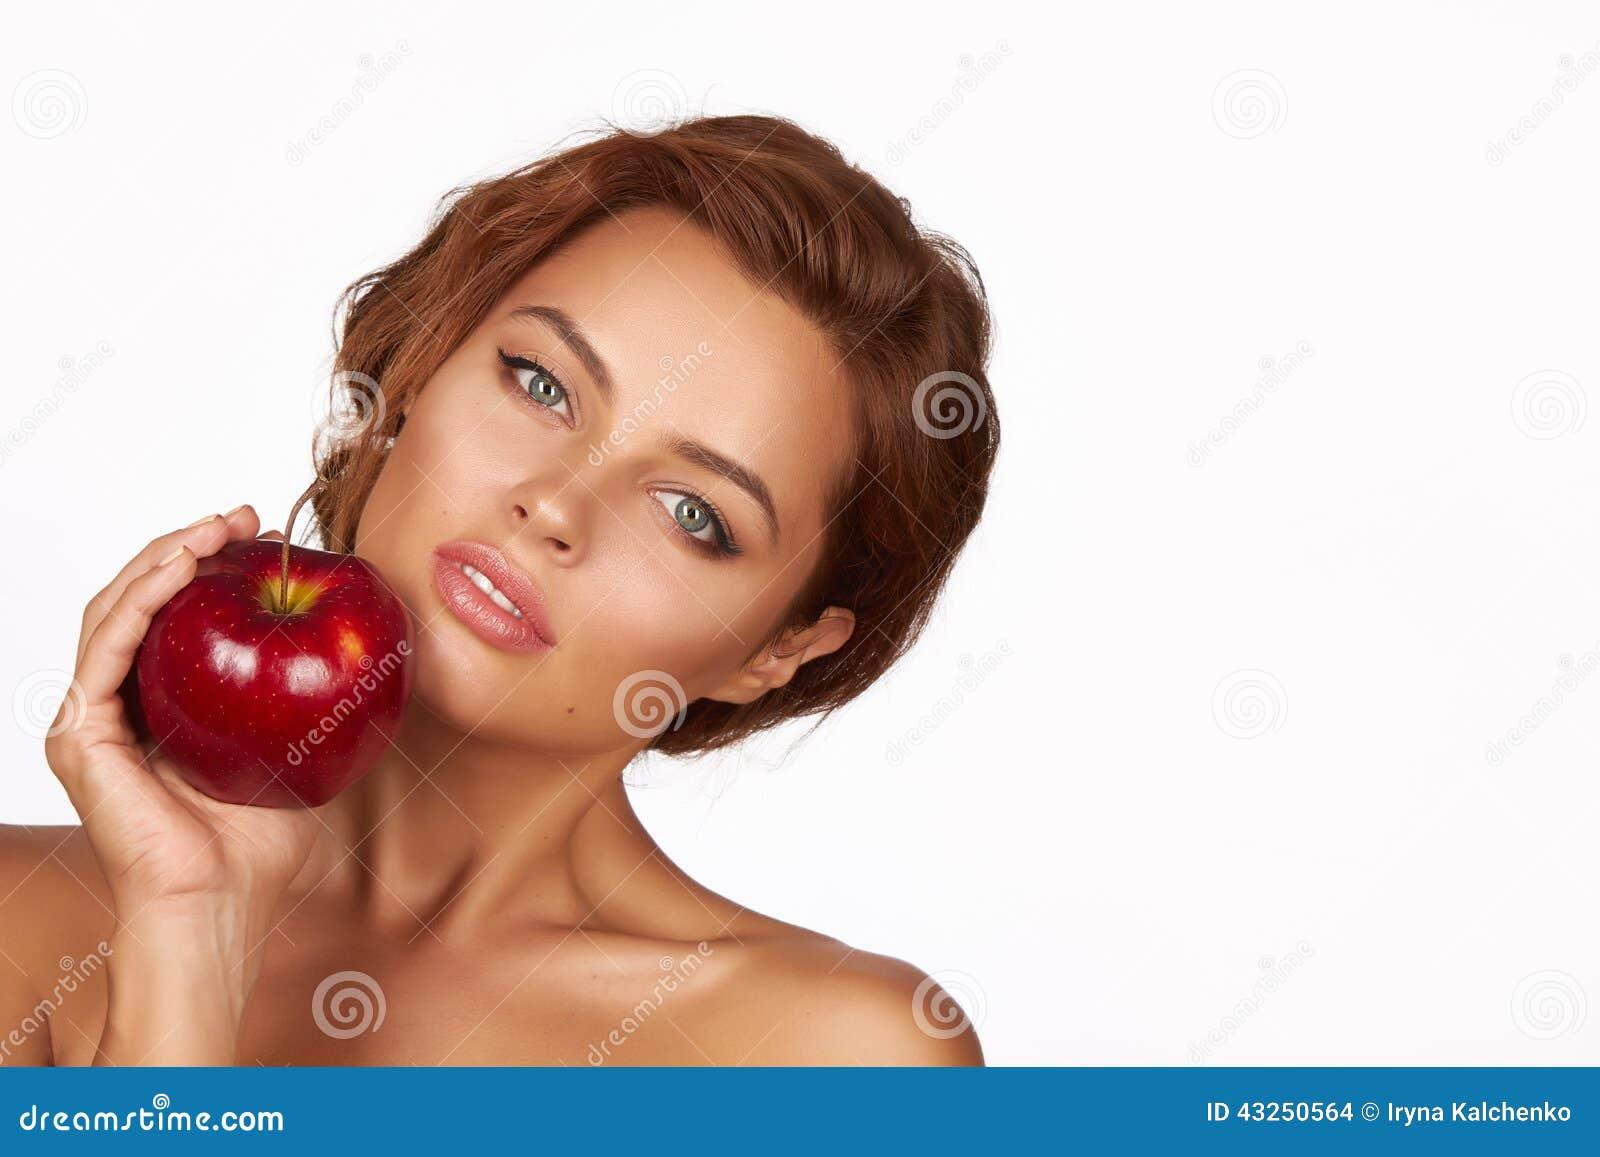 Το νέο όμορφο προκλητικό κορίτσι με τη σκοτεινή σγουρή τρίχα, τους γυμνούς ώμους και το λαιμό, που κρατούν το μεγάλο κόκκινο μήλο